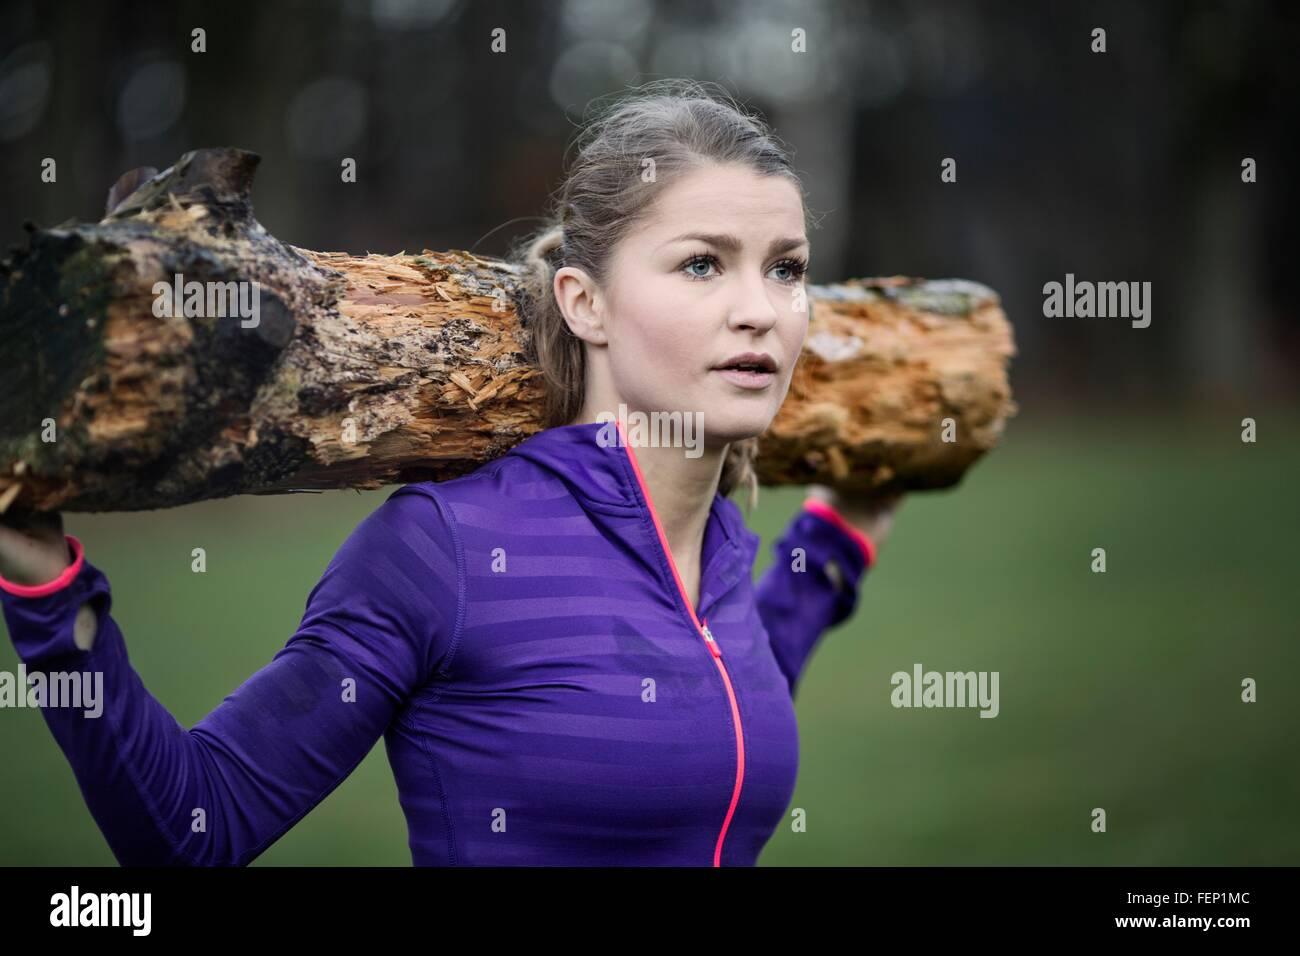 Giovane donna che trasportano ramo di albero sullo spallamento guardando lontano Immagini Stock